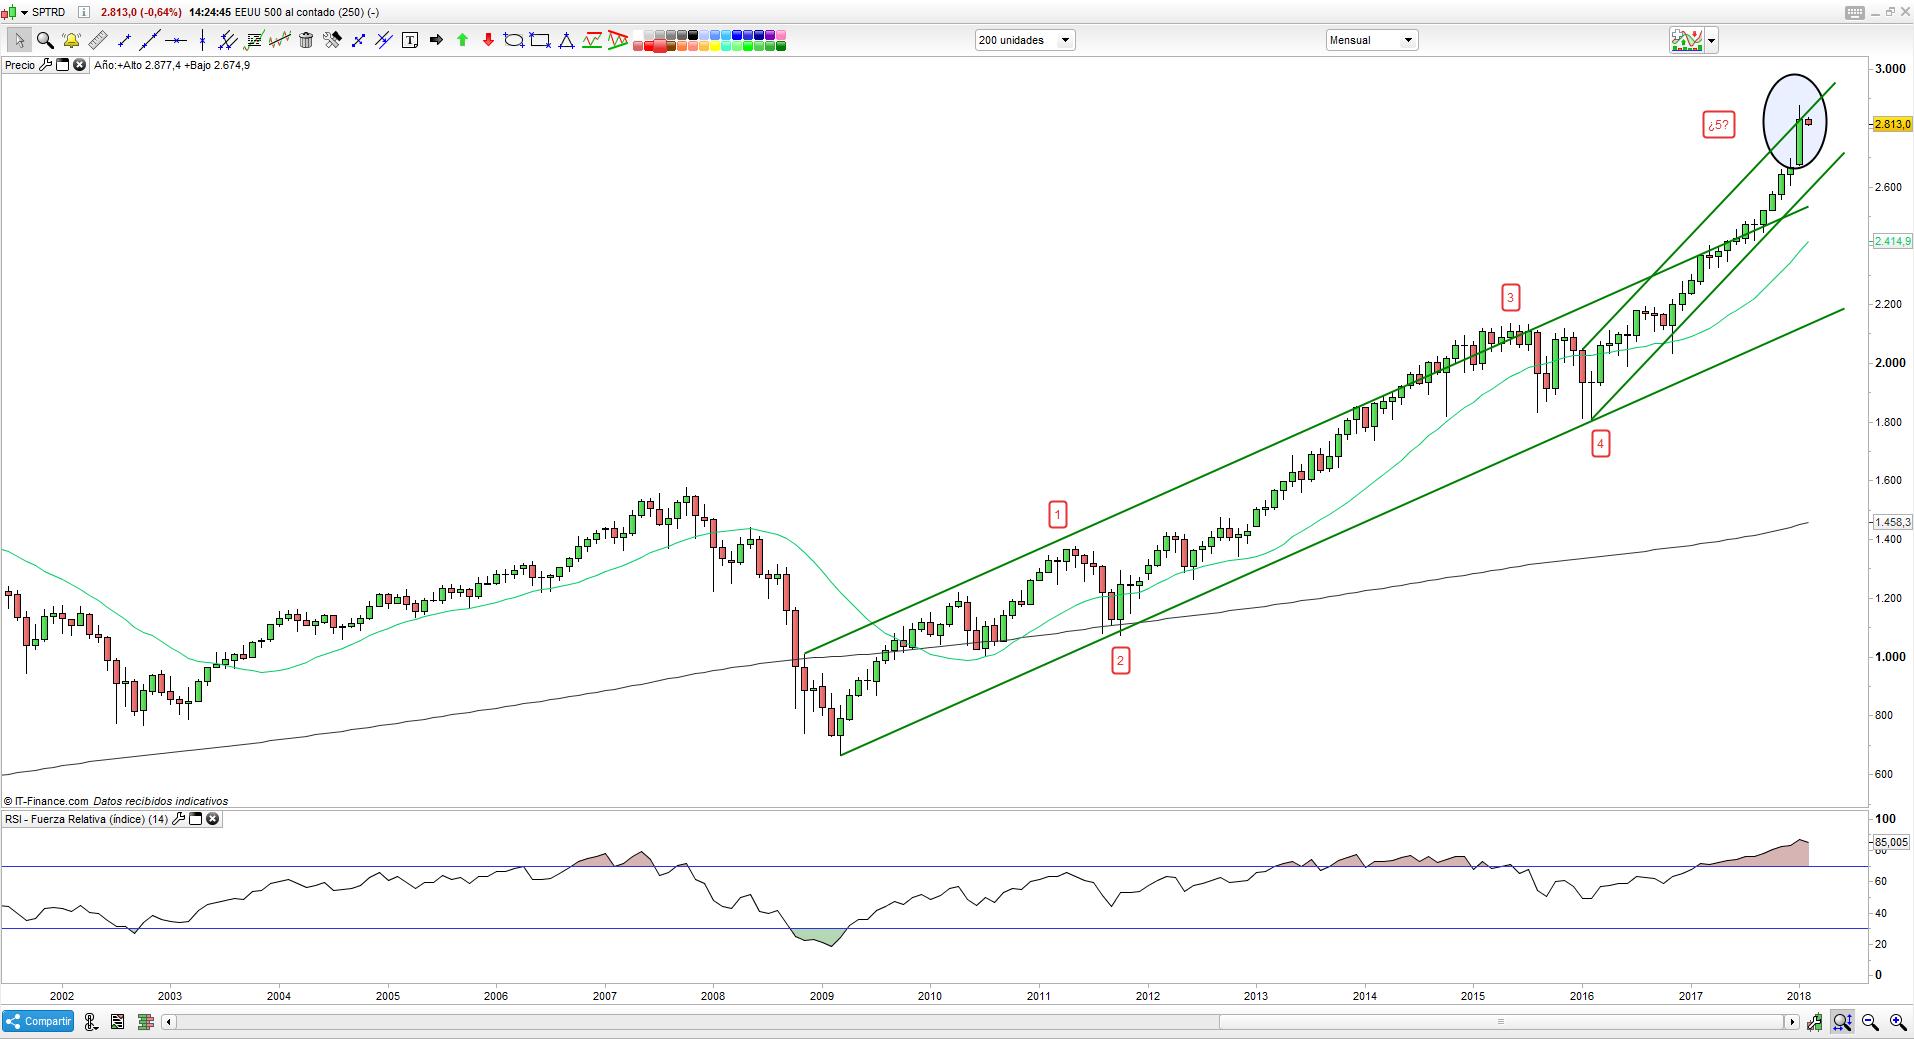 El S&P 500 se deja atrás un gran enero. ¿Qué esperar del futuro?